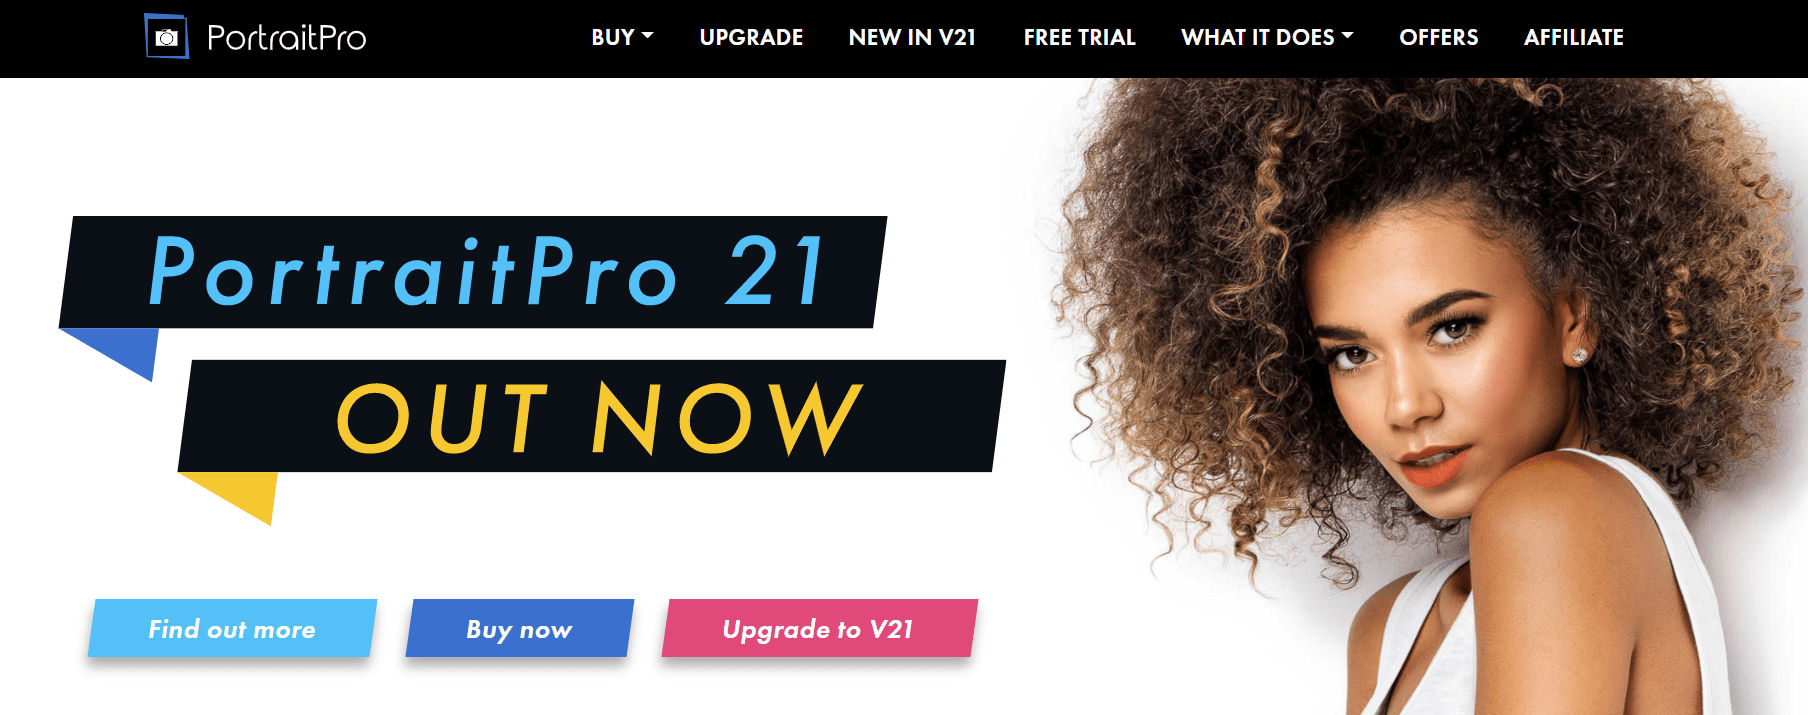 portraitpro coupon codes